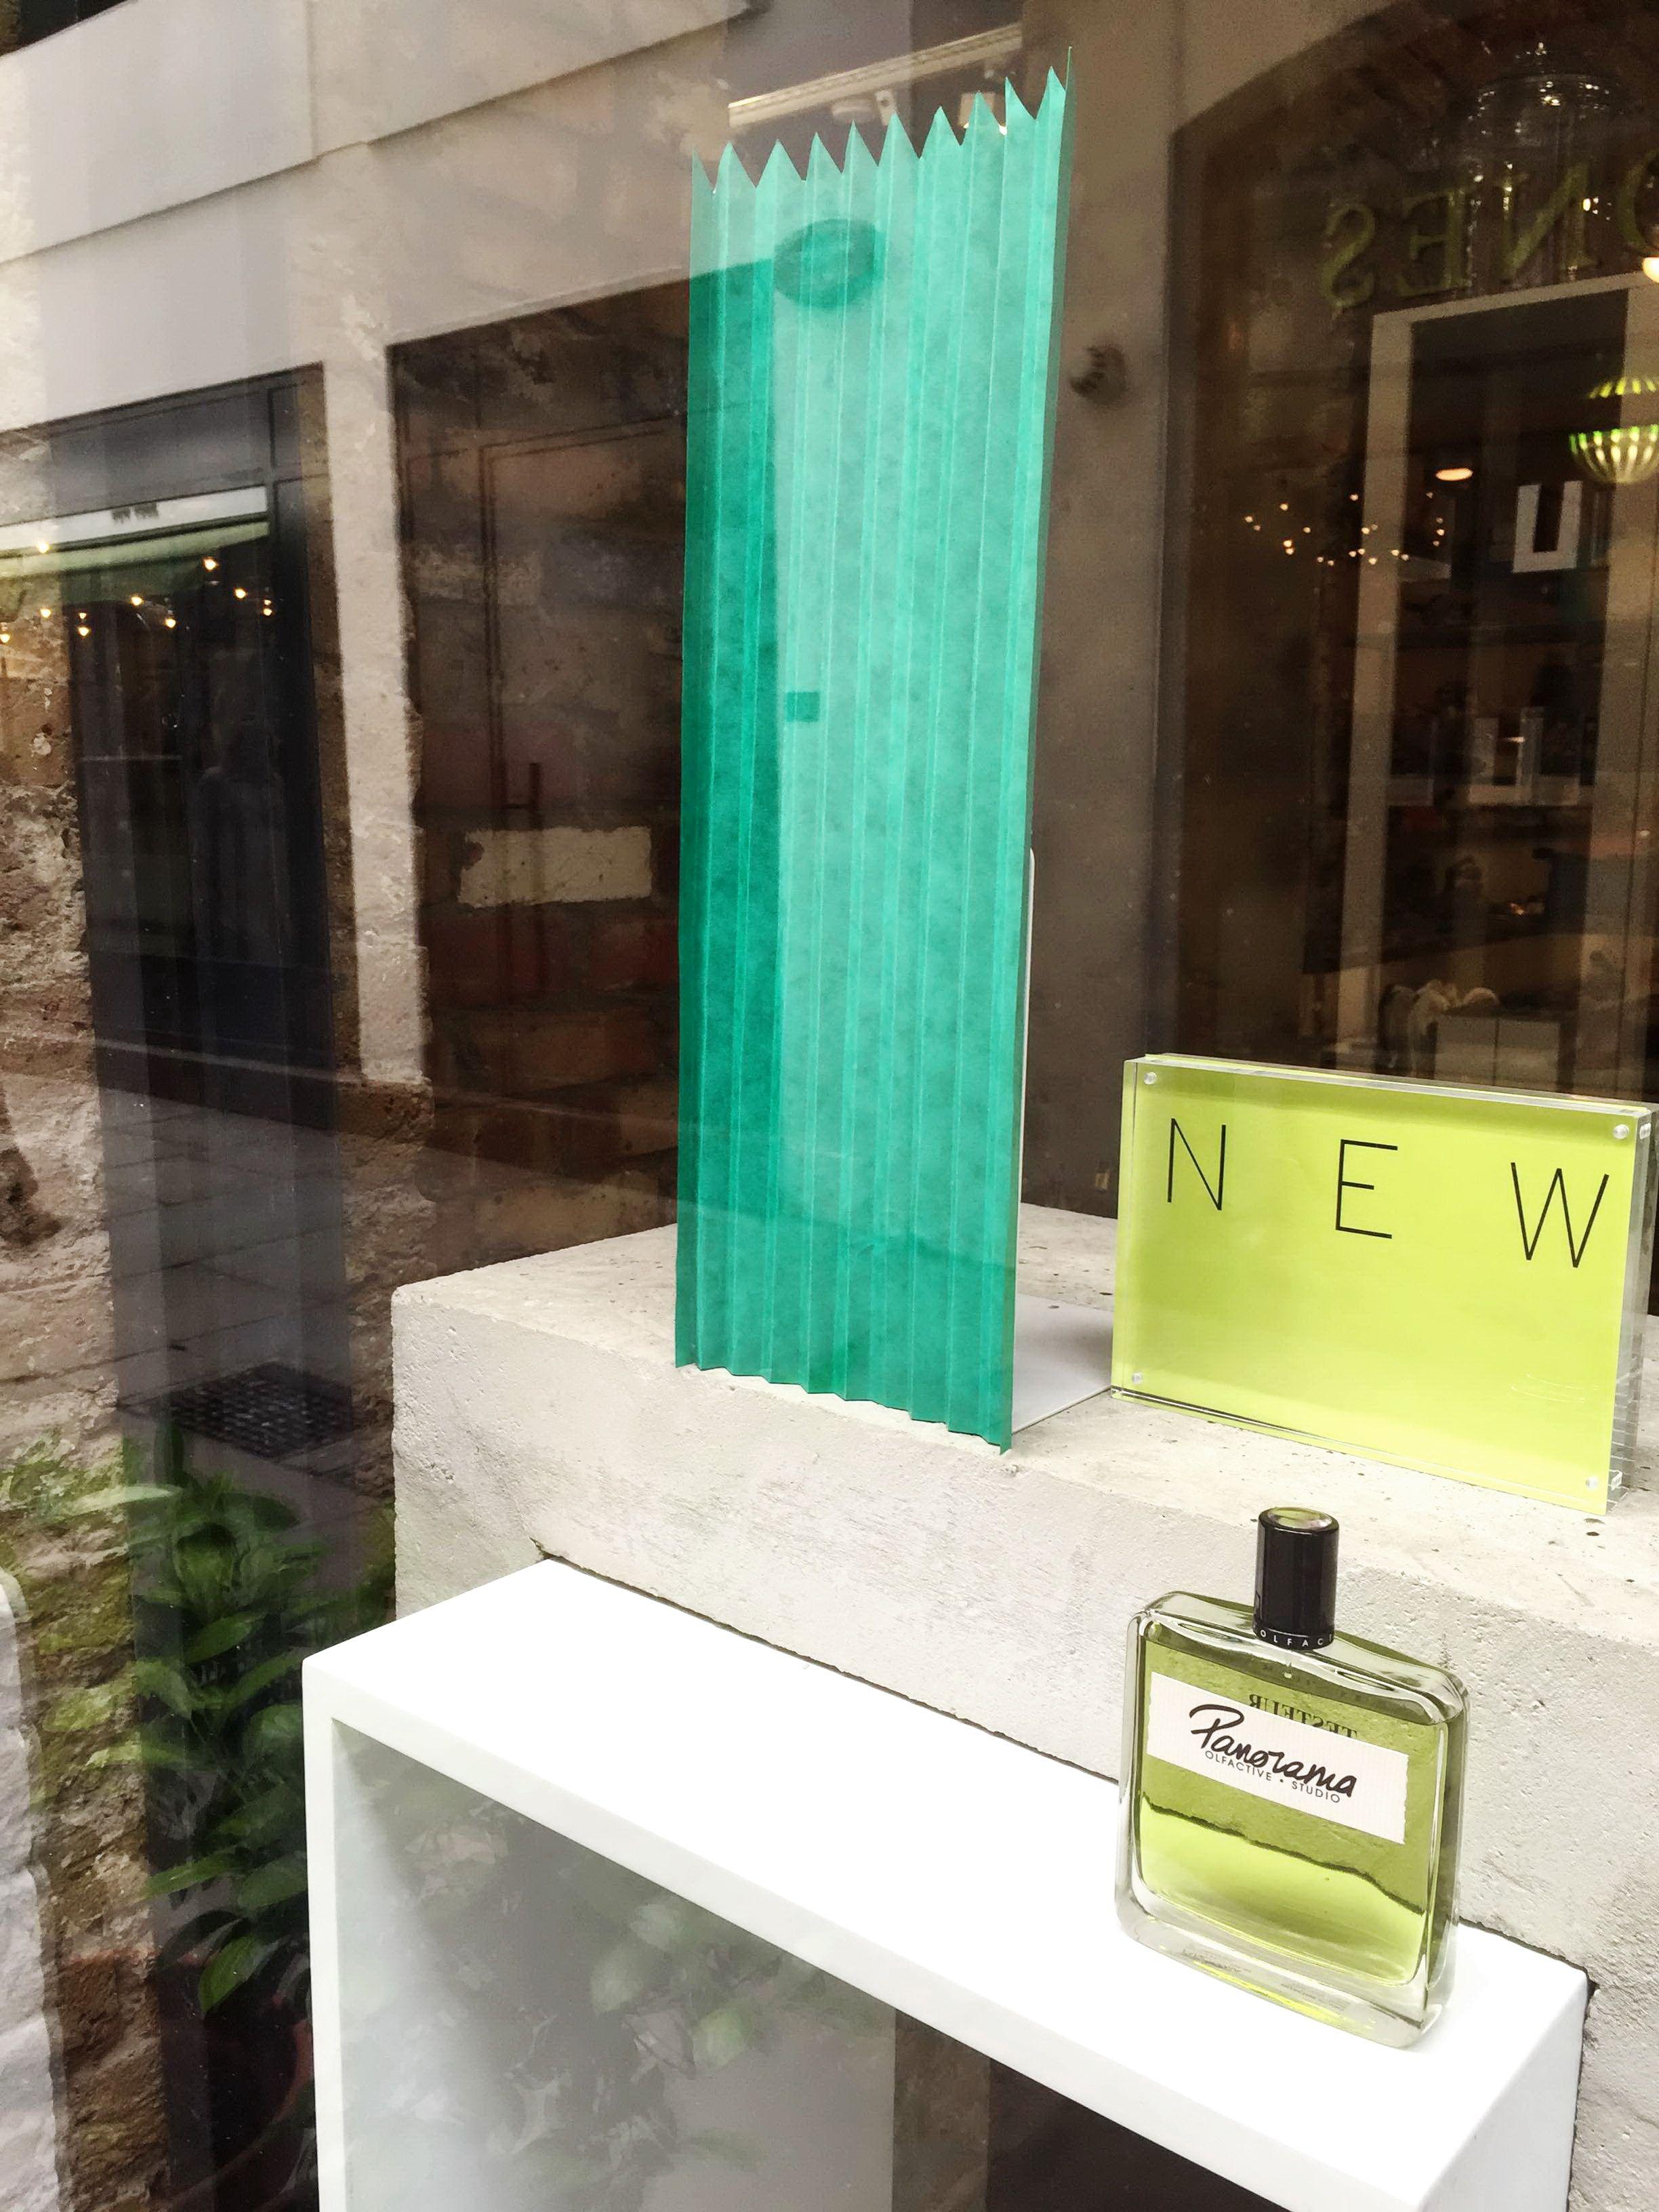 Panorama window at Bloom Perfumery